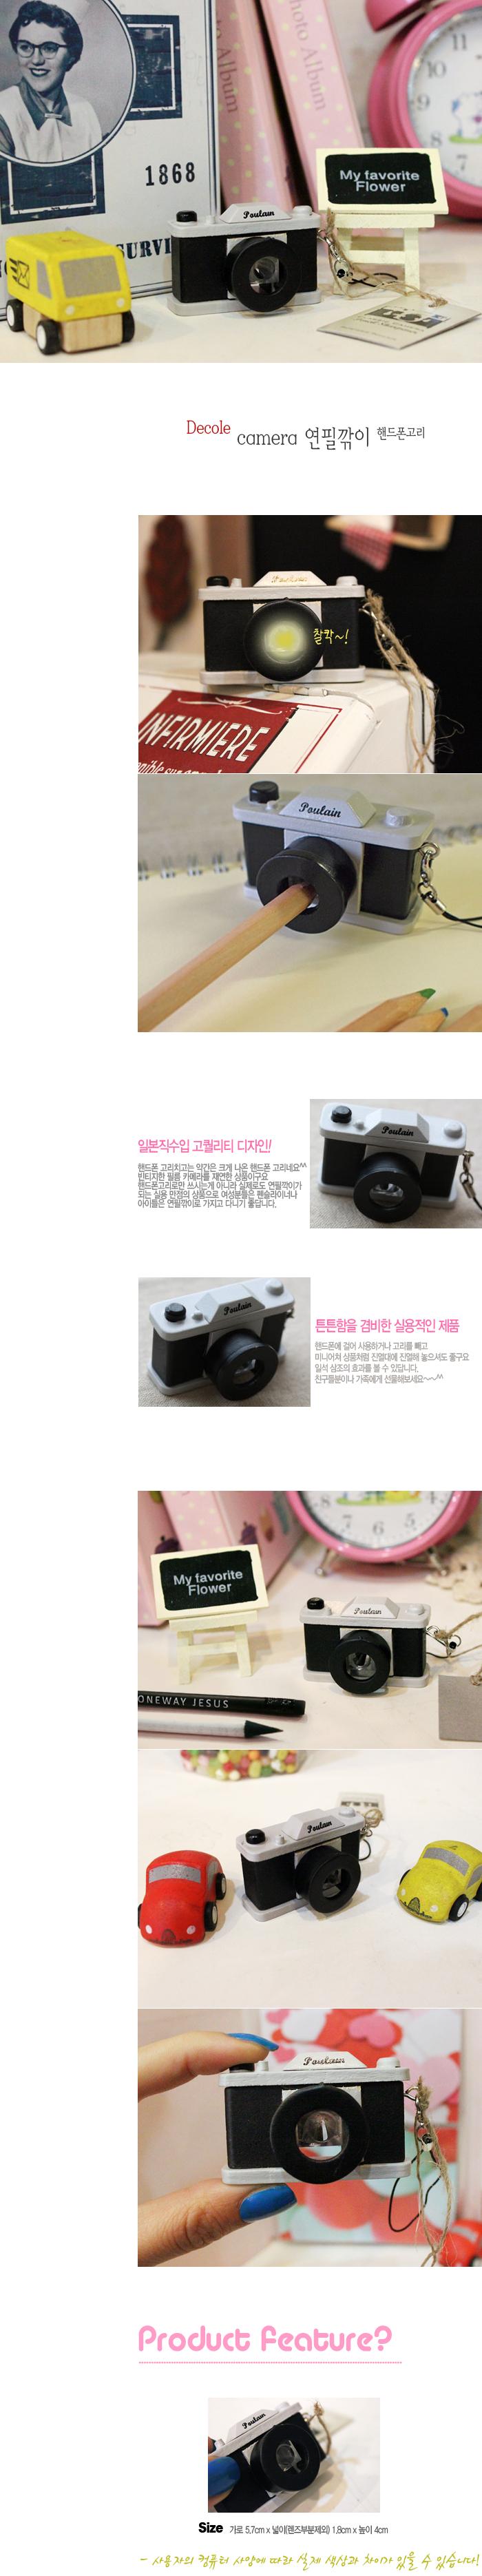 Decole 카메라 연필깎이 핸드폰 고리 - 컨츄리아이템, 13,800원, 필기구 소품, 연필깎이